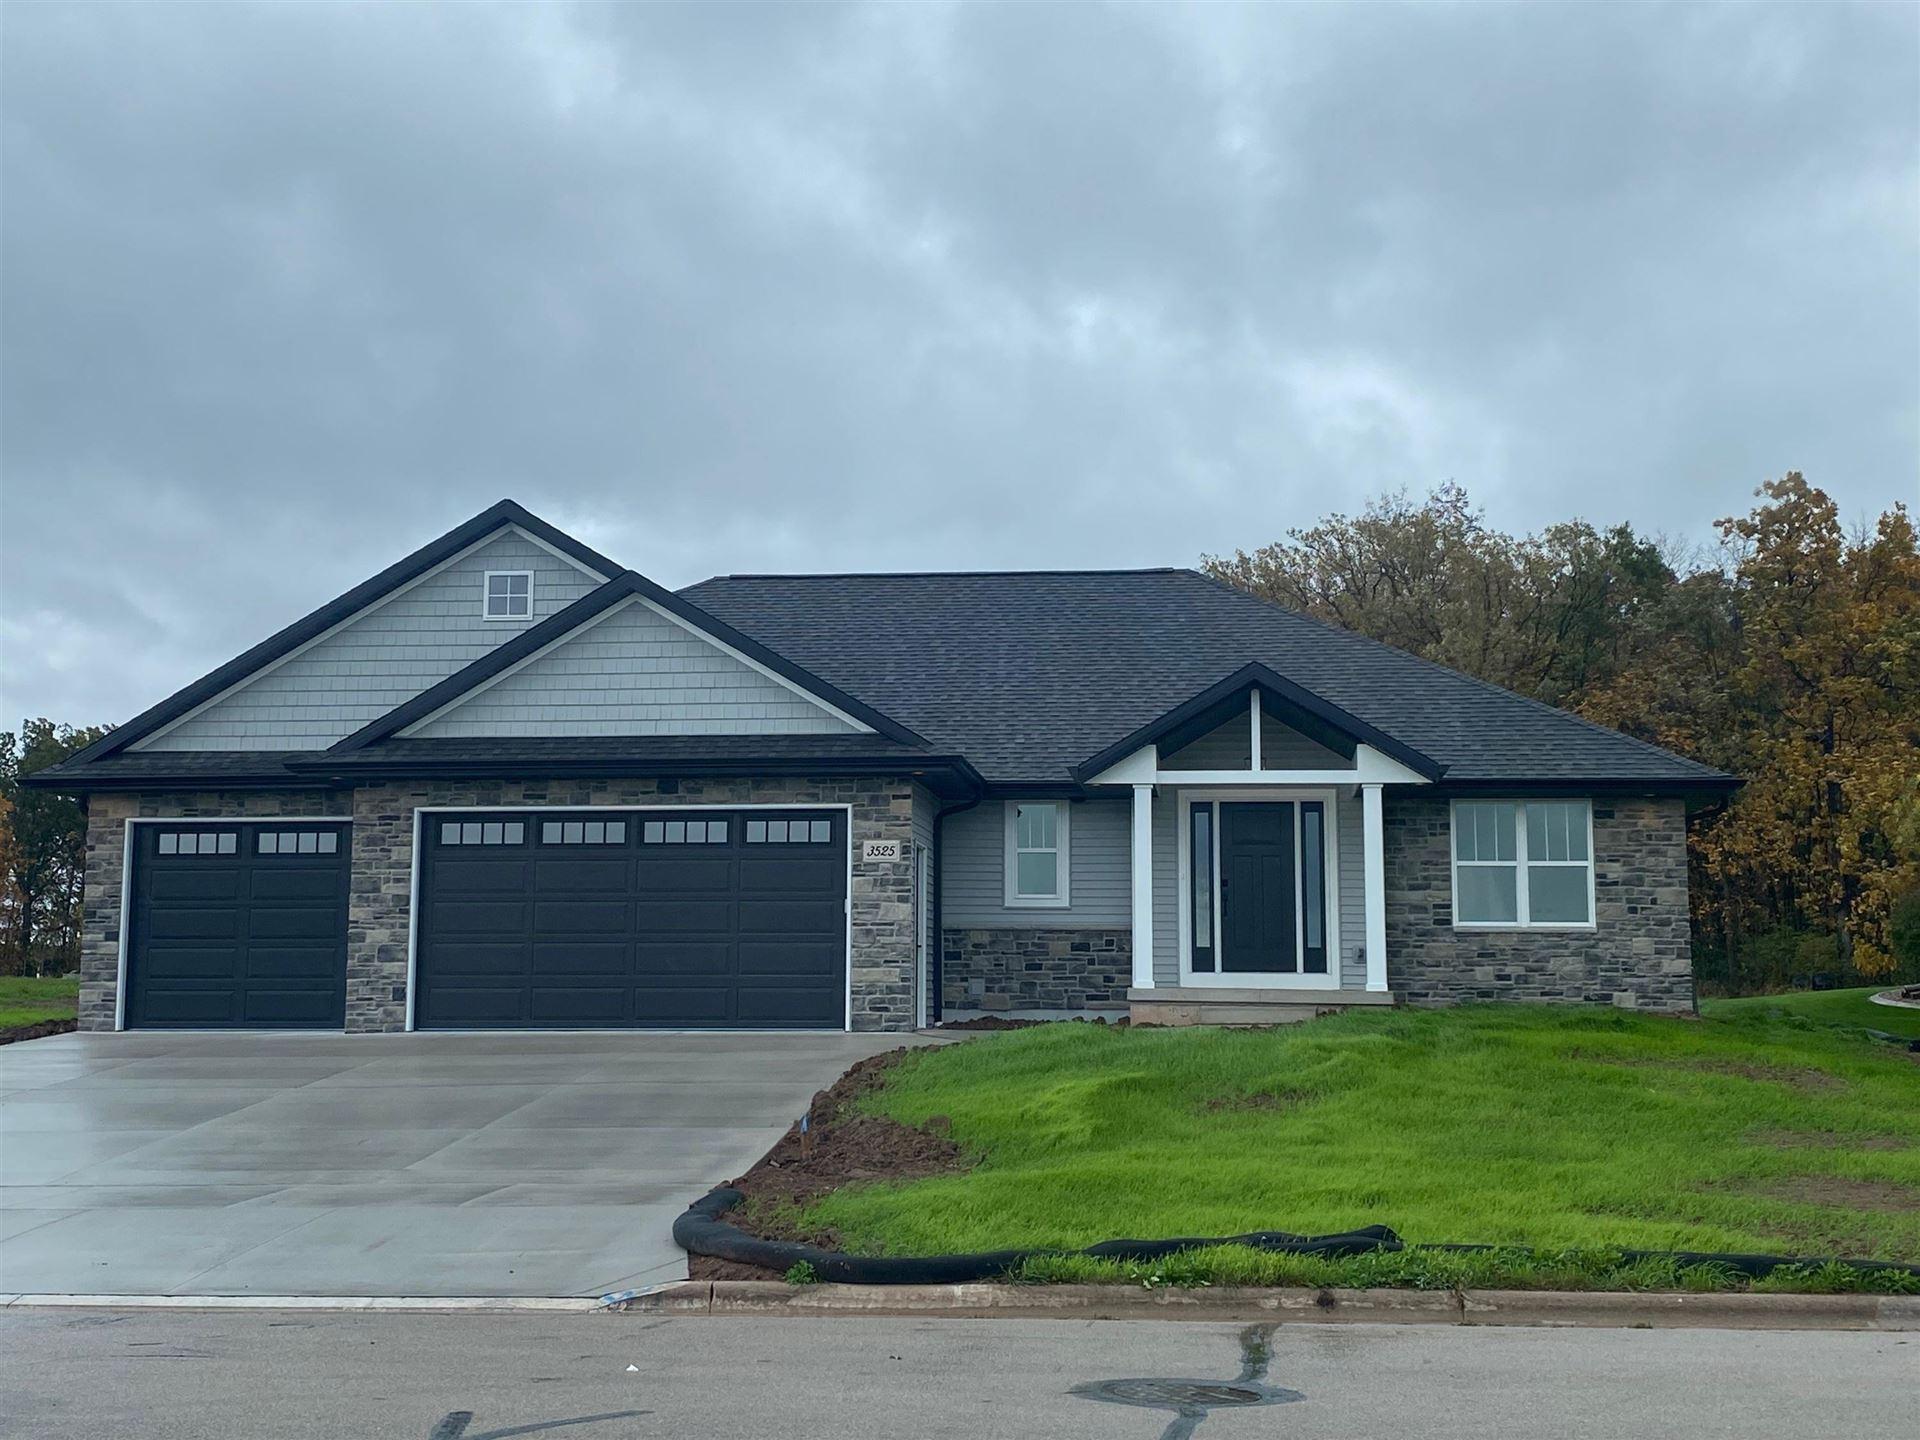 3525 BAY HARBOR Drive, Green Bay, WI 54311 - MLS#: 50242988